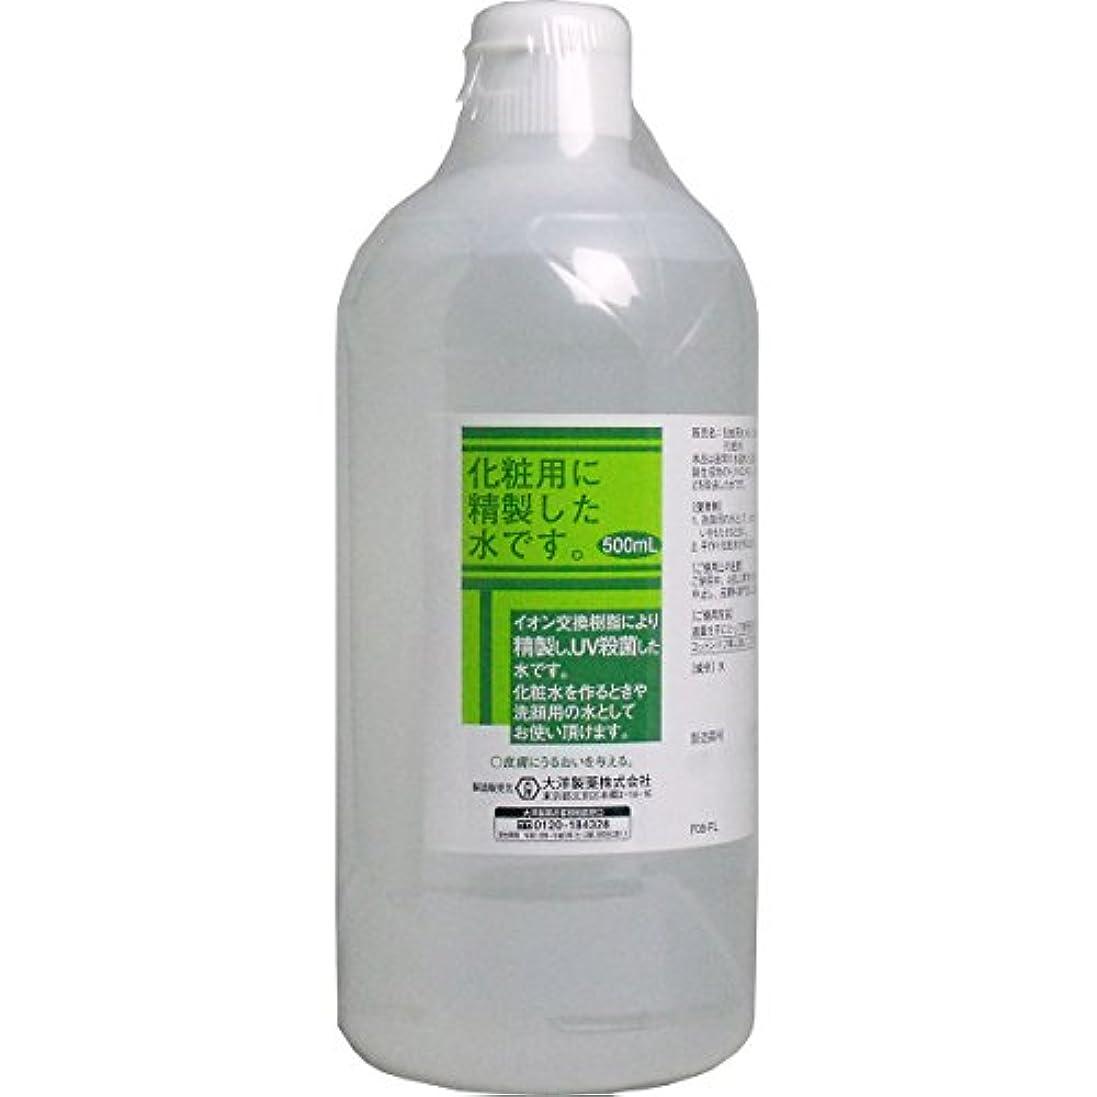 資源強化無駄化粧用 精製水 HG 500ml (500ml×5本)